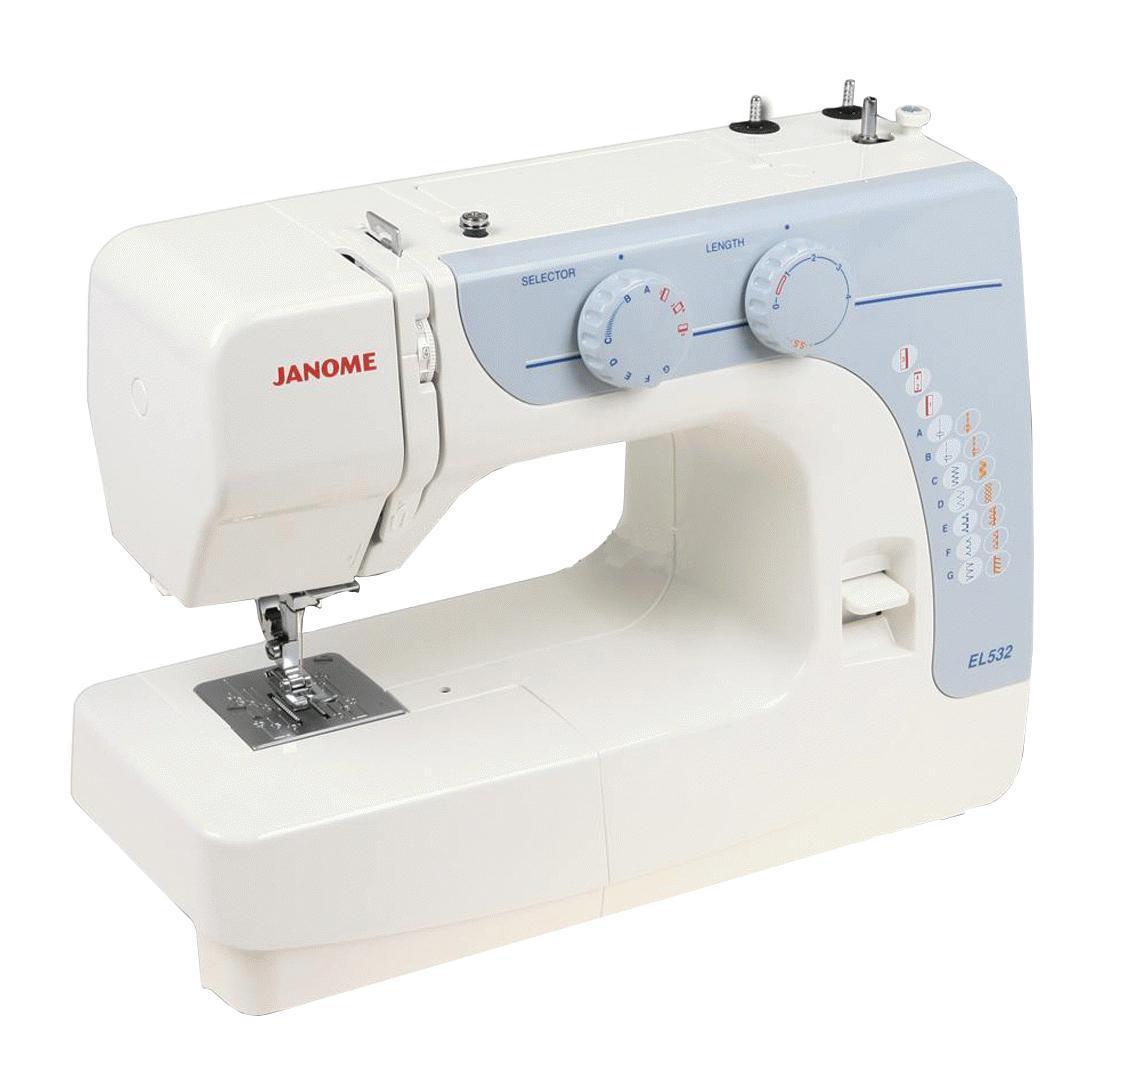 Janome EL532 швейная машина532Простая и легкая в работе механическая швейная машина Janome EL 532 работает с различными видами современных тканей. Идеально подходит для начинающих портних. Полный аналог модели Janome VS 52.